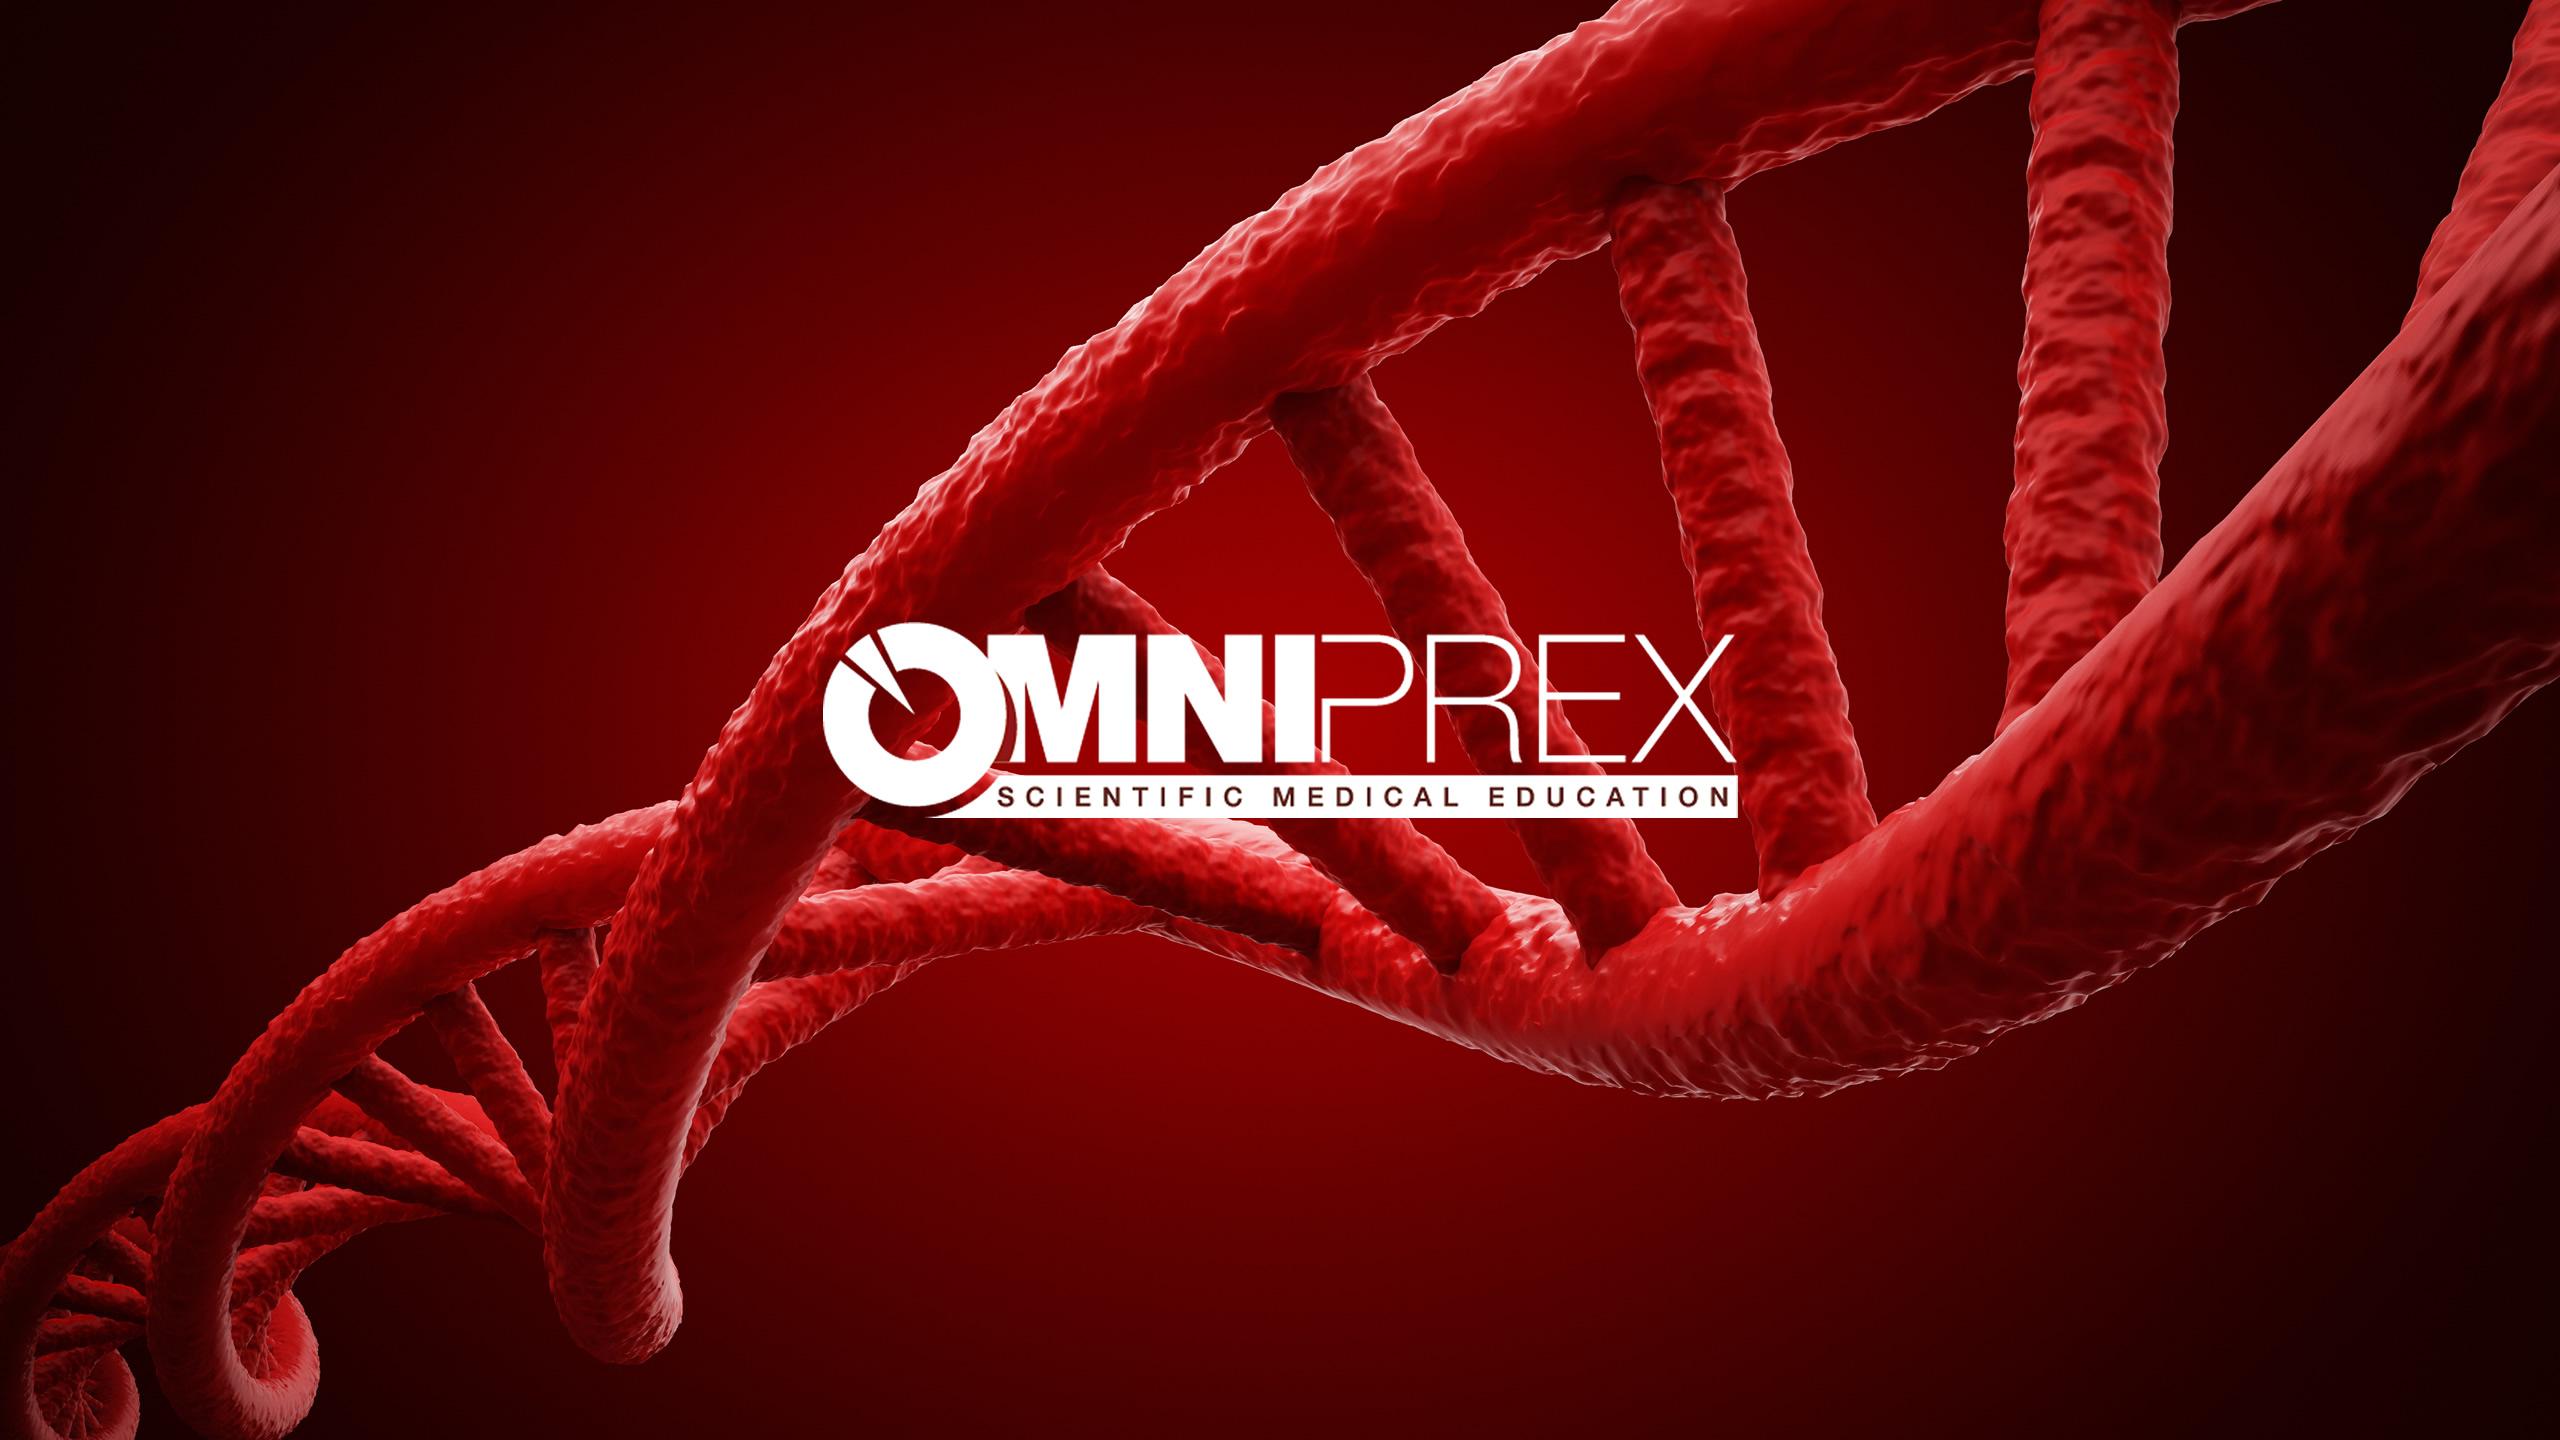 Omniprex inaugura un portal de divulgación científica en el ámbito de la educación médica...